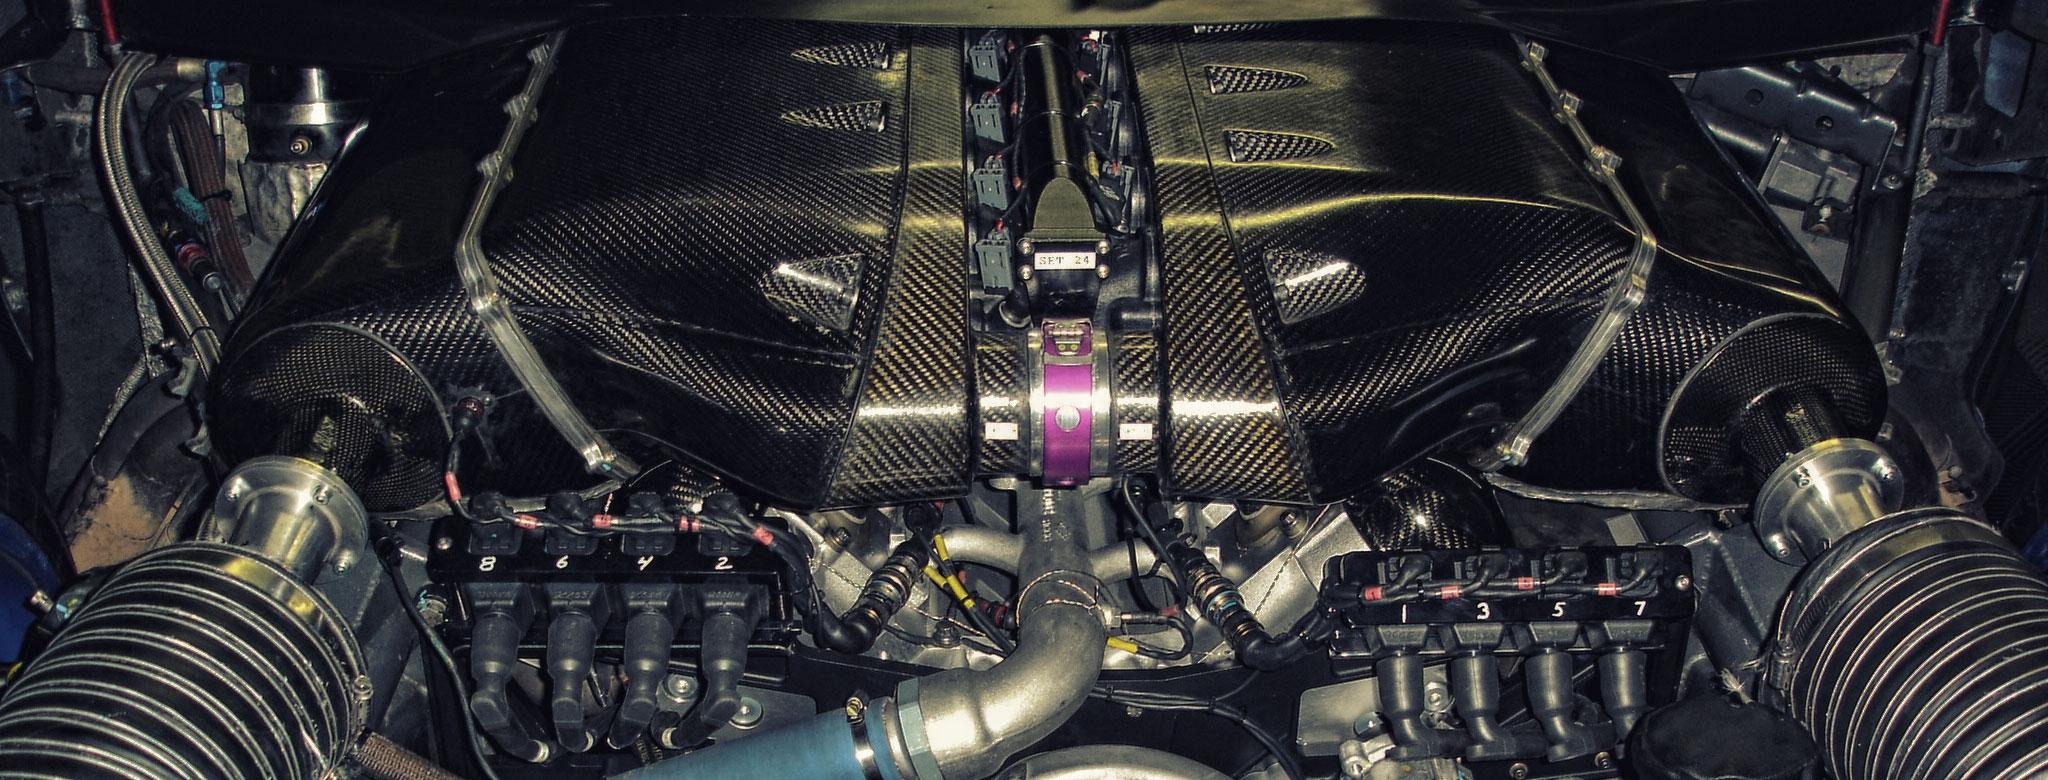 Frisch revidierter Corvette C5 Motor von MME. 7,0l, 610PS bei 6200 U/min. Max. Drehmoment 772Nm bei 5600 U/min. Daten mit Airrestriktor laut Reglement.